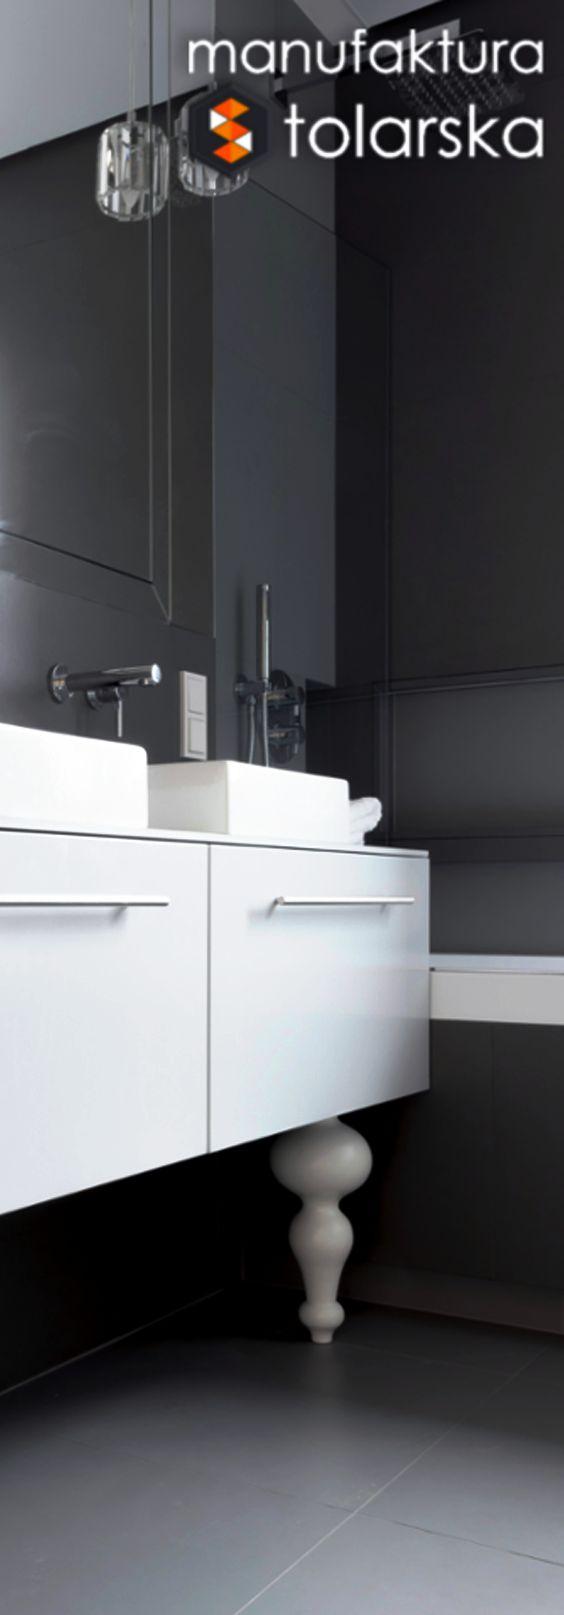 Wood & bathroom & white. Made in Poland. Manufaktura stolarska 2017.  Oryginalne i nietypowe rozwiązania dla mebli łazienkowych! Meble łazienkowe muszą charakteryzować się nie tylko świetny designem ale także odpornością na wilgoć!  Nowoczesny wystrój łazienek ocieplają drewniane meble. #design #wood #furniture #bathroom #flat #white #home #natural #sink #drewno #stolarz #szafka #biała #łazienka #szuflada